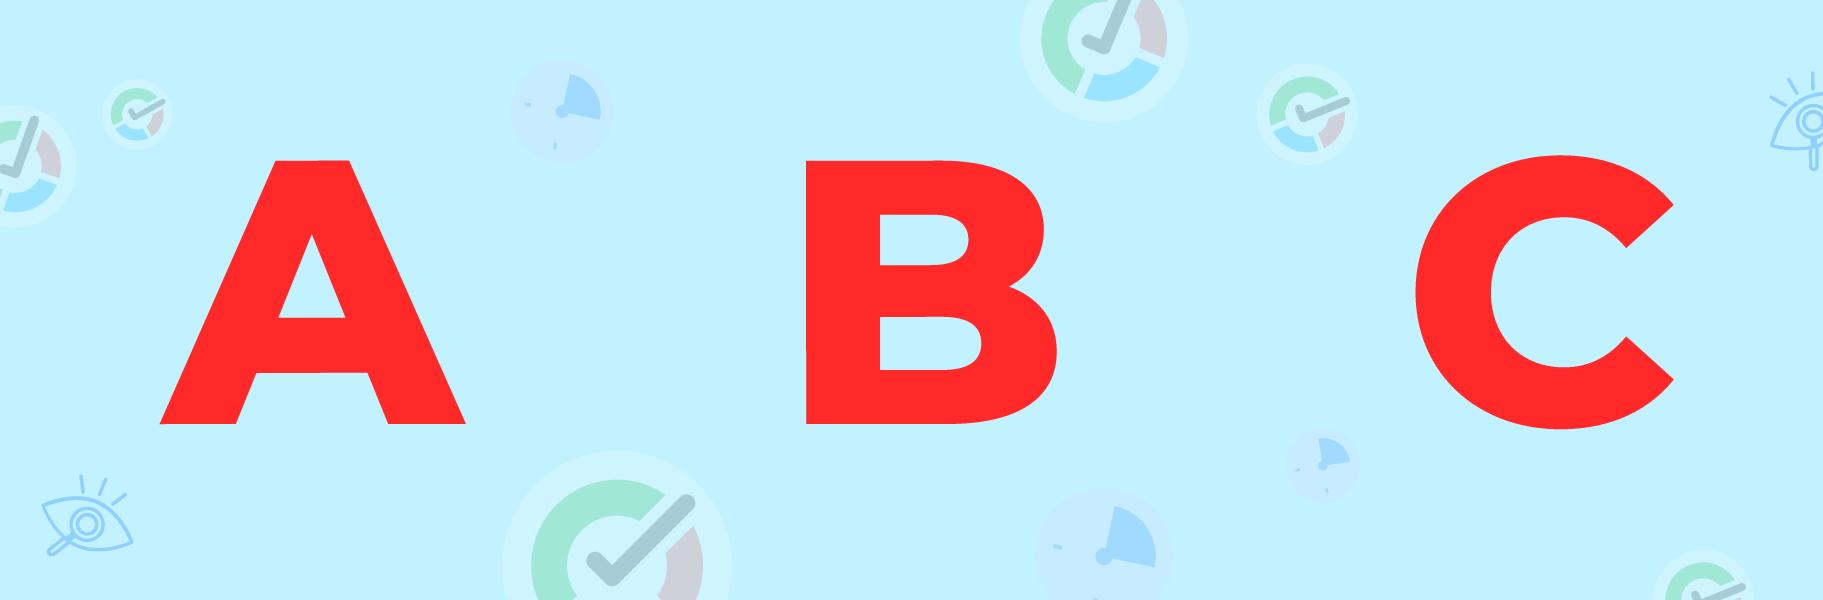 a b c letters image